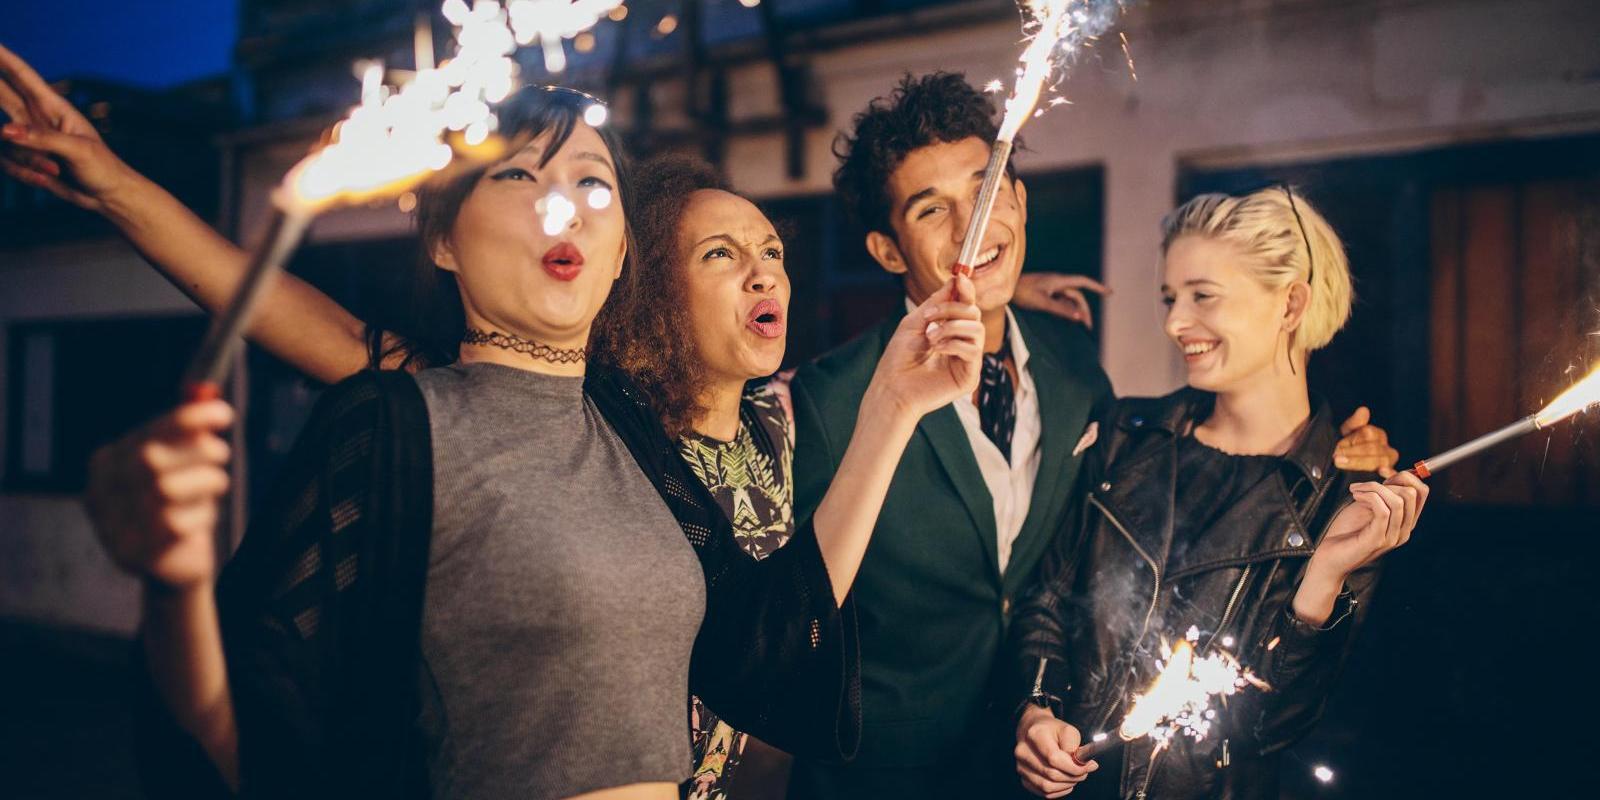 ᐅ 2021 Celebrar El Fin De Año En Miami El Año Nuevo Por Todo Lo Alto